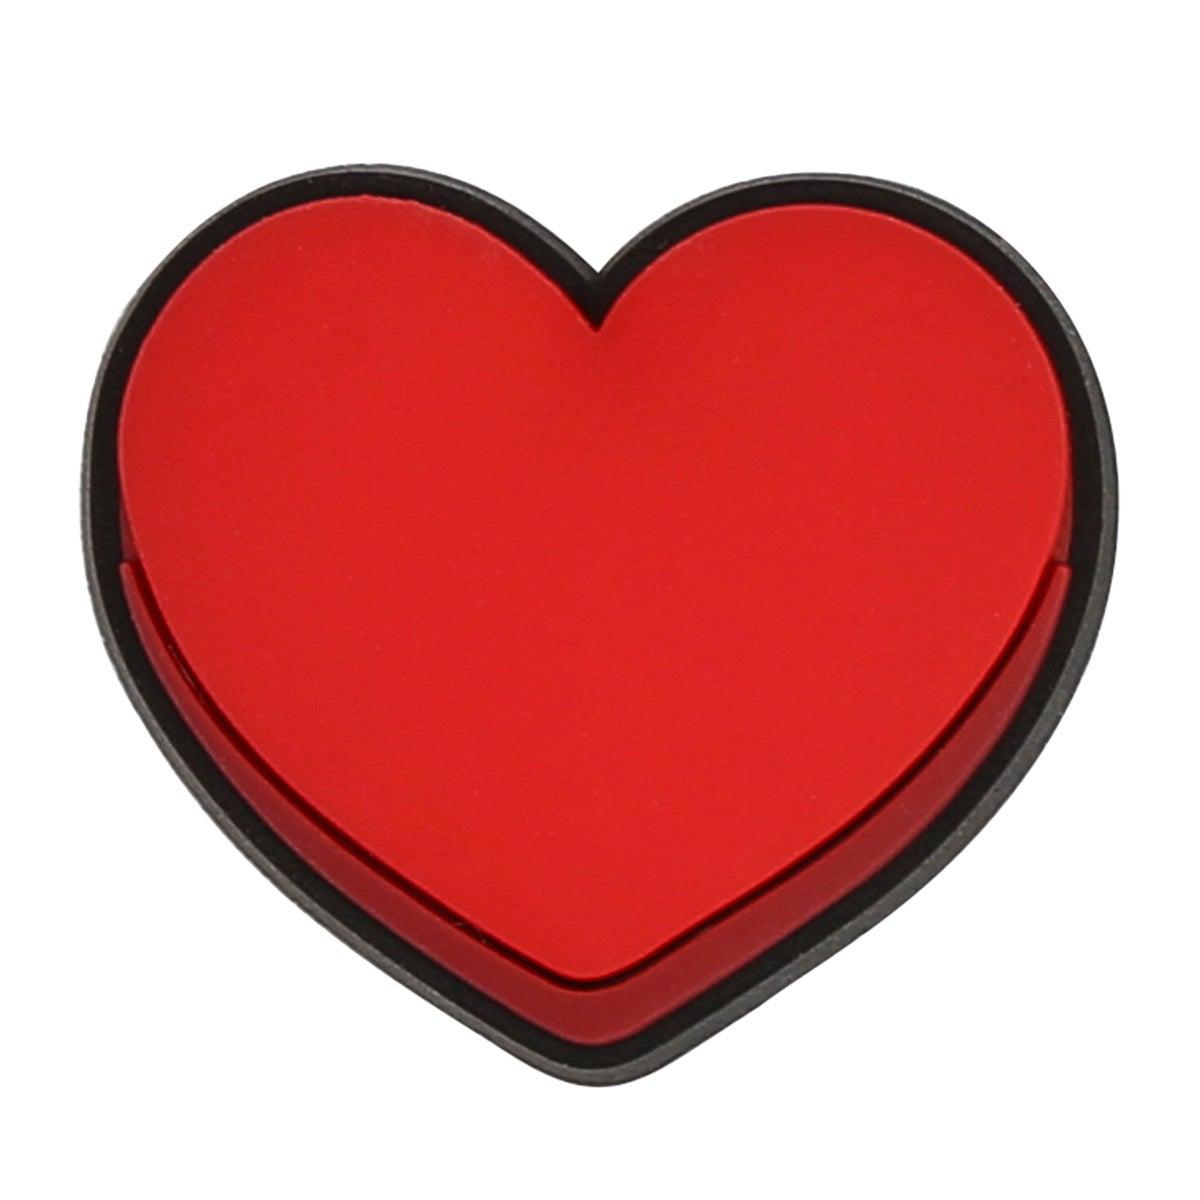 Jibbitz Accessories Jibbitz Heart